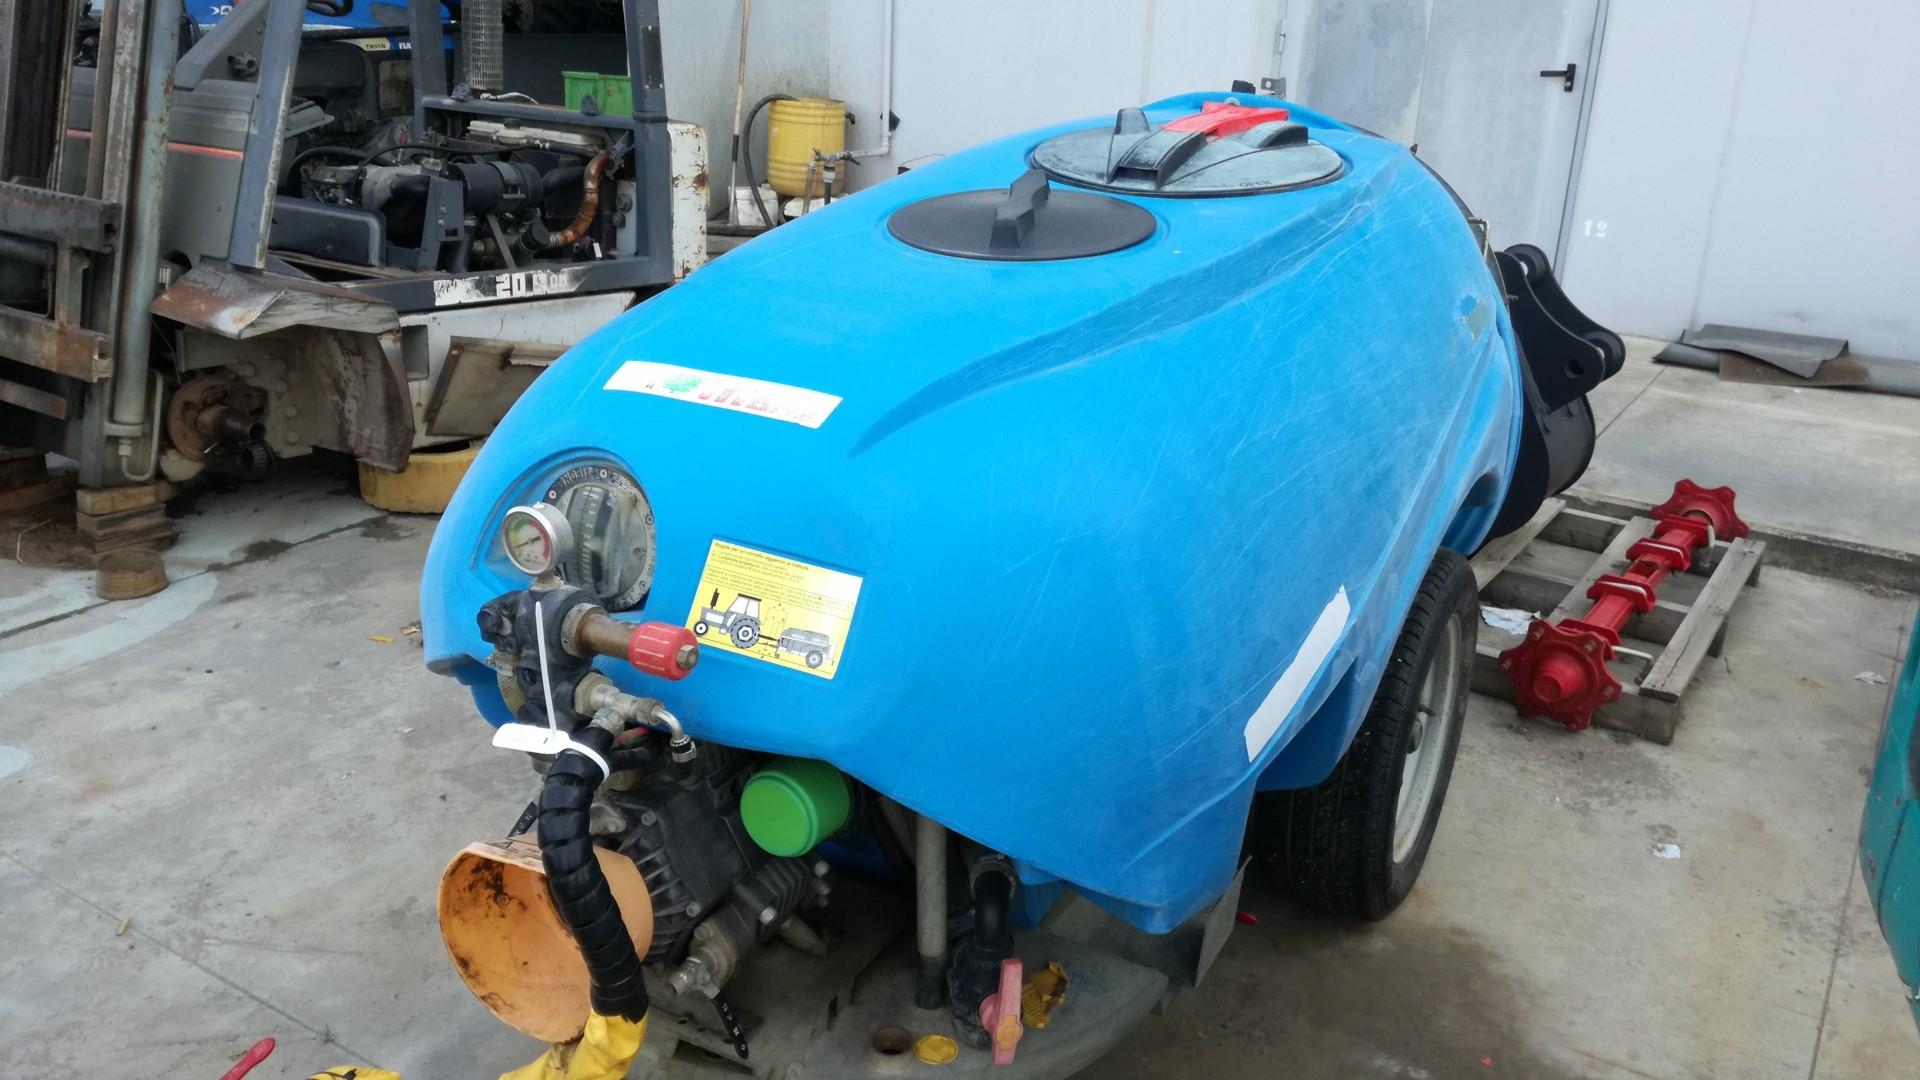 Atomizzatore usato tifone vento 1000 vista frontale